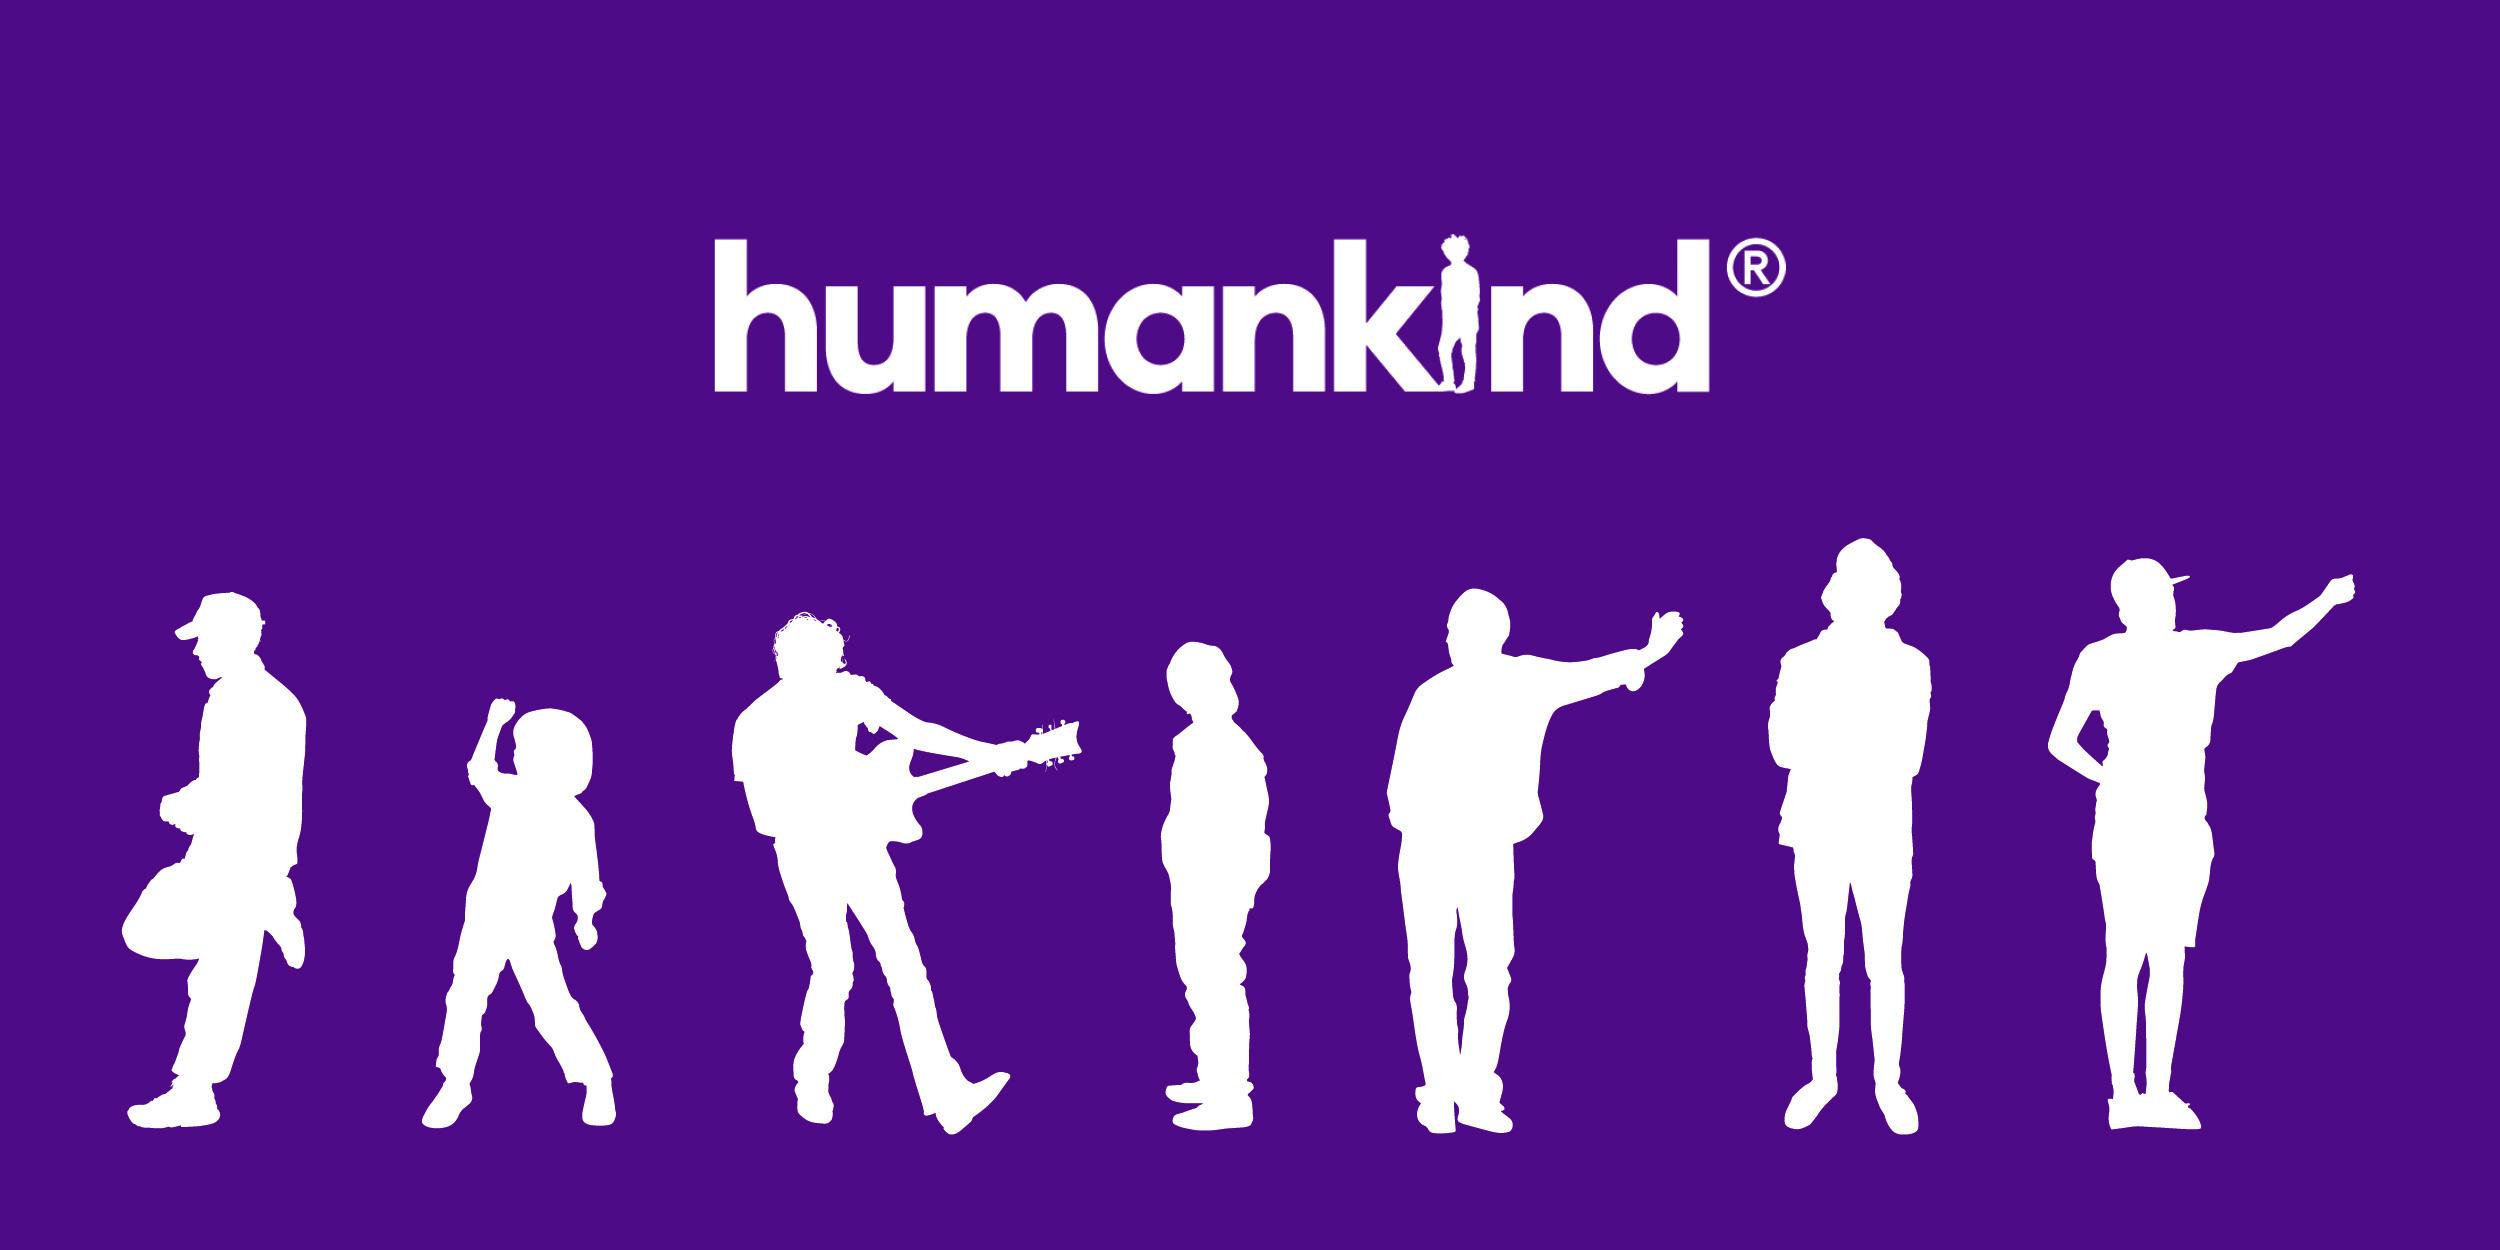 humankind header image